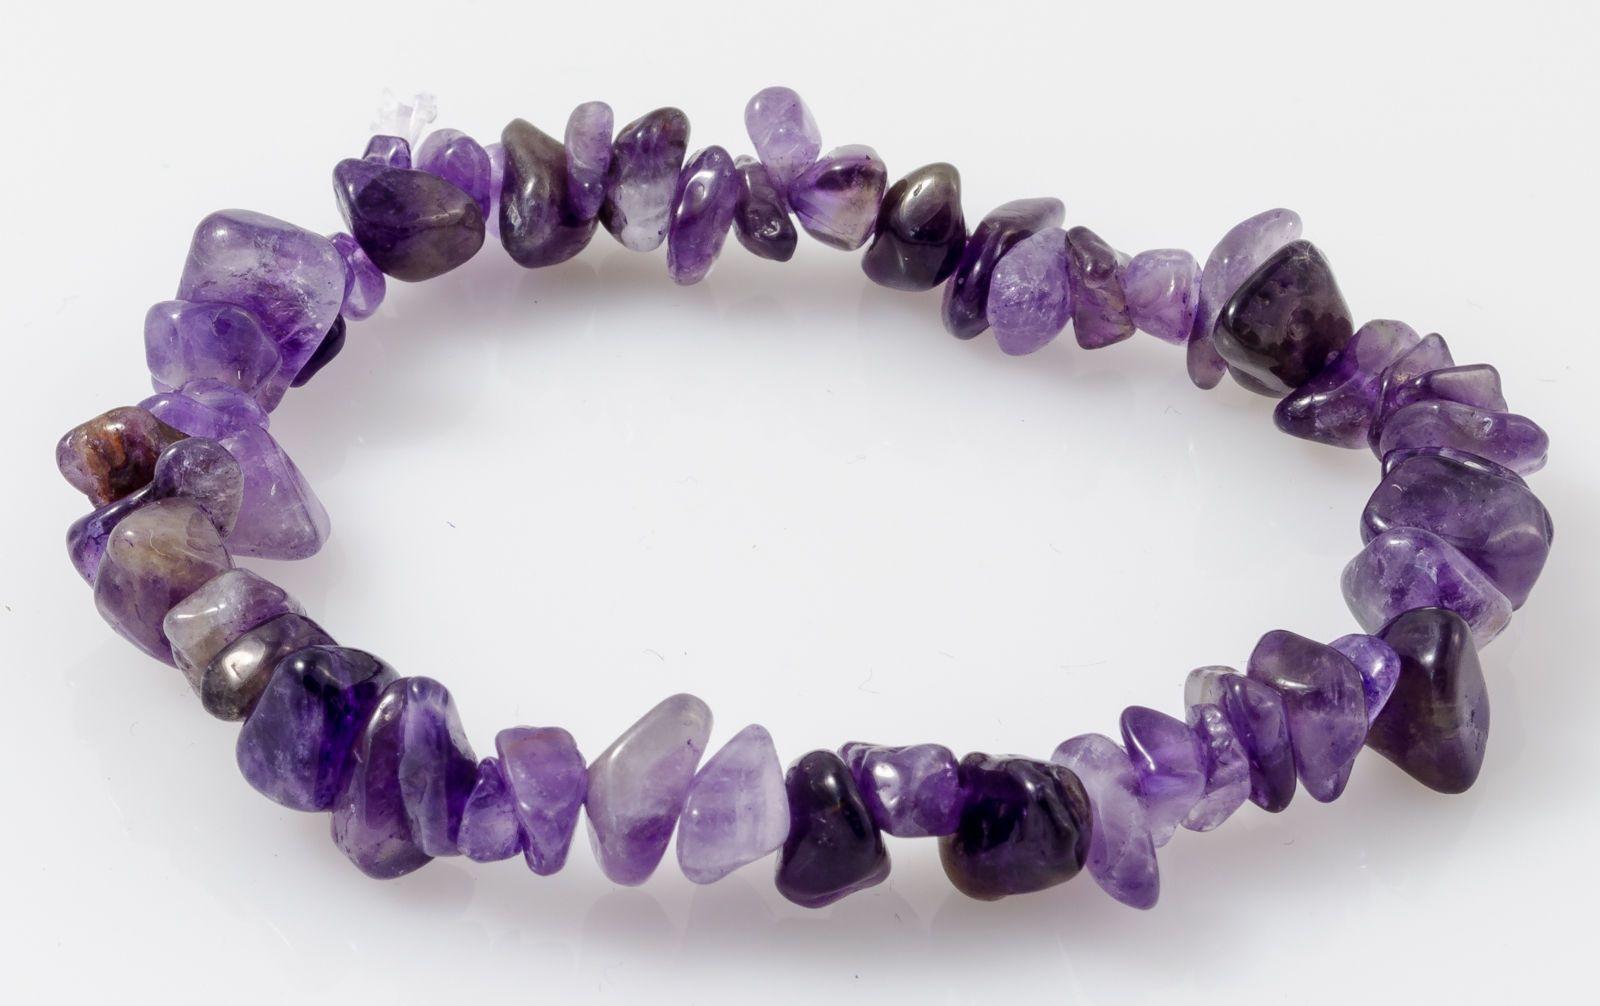 Amethyst charmed fertility bracelet by Caroline Millar